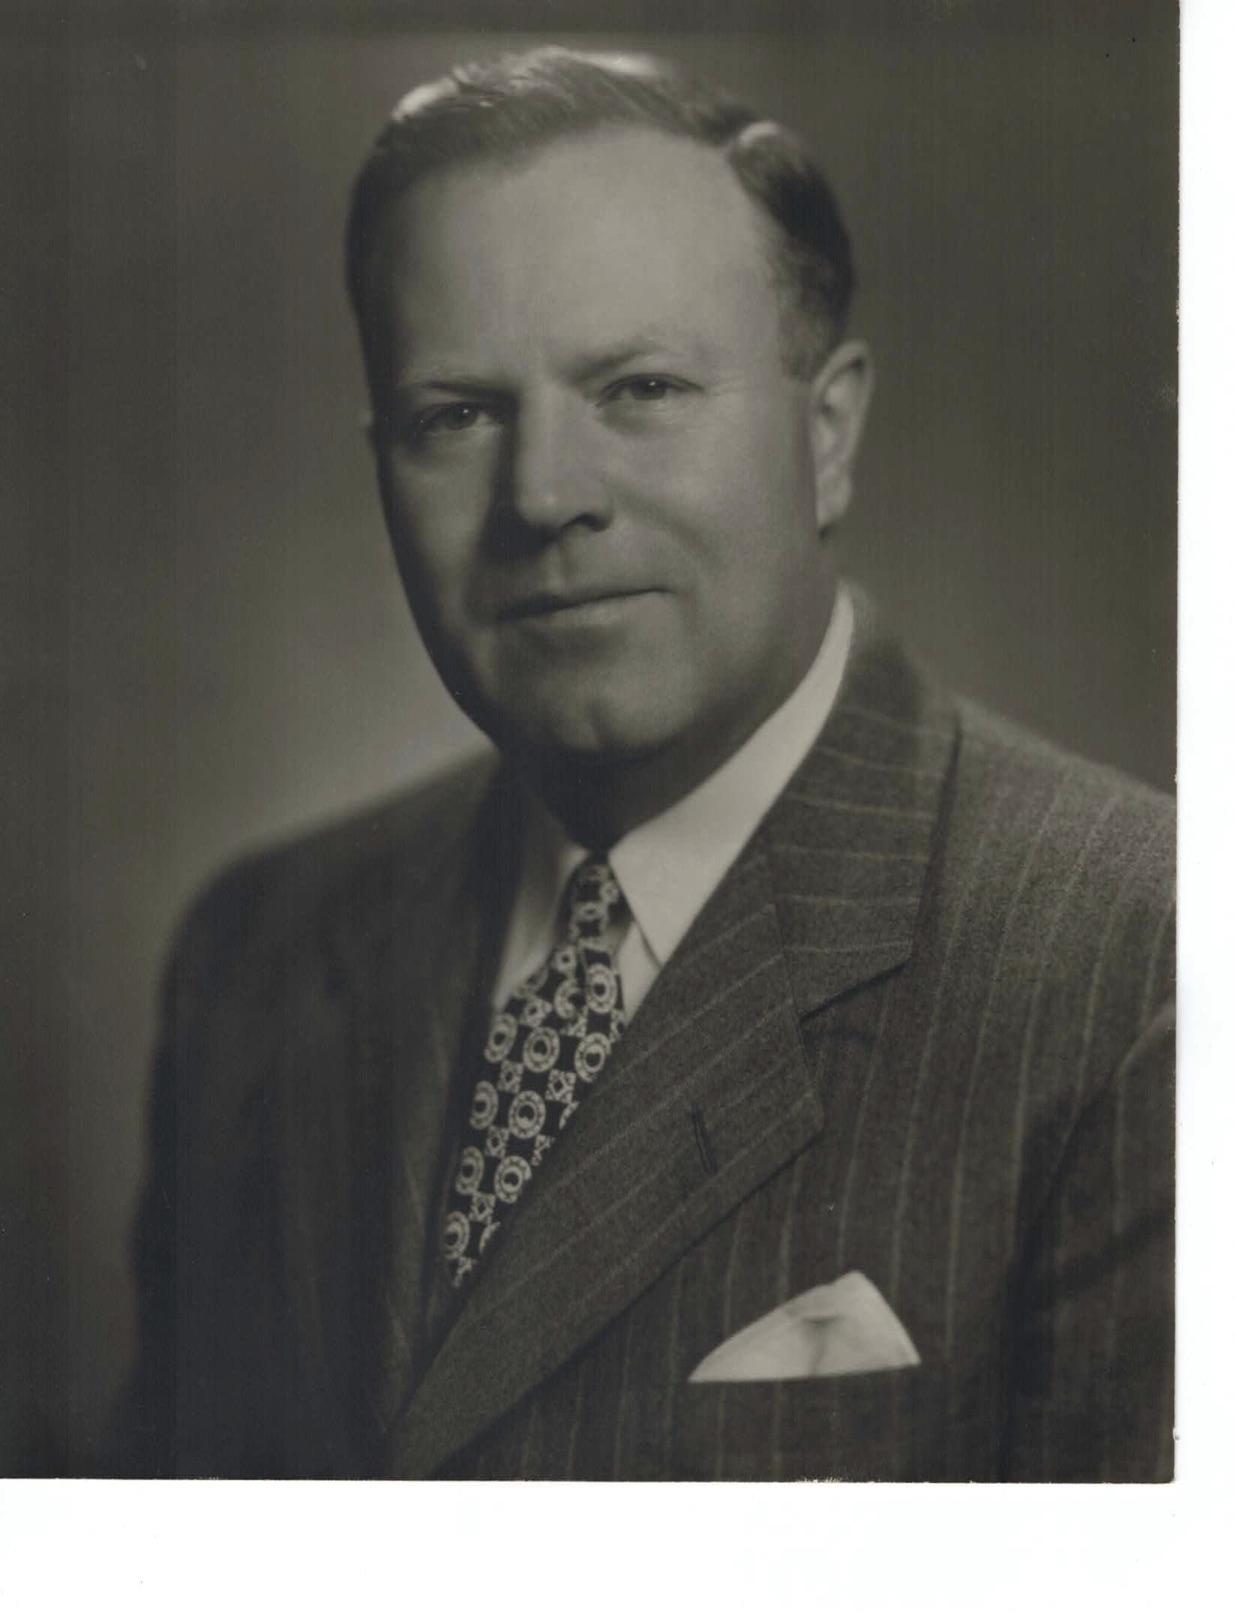 H. DEAN ARCHEY 1942-43